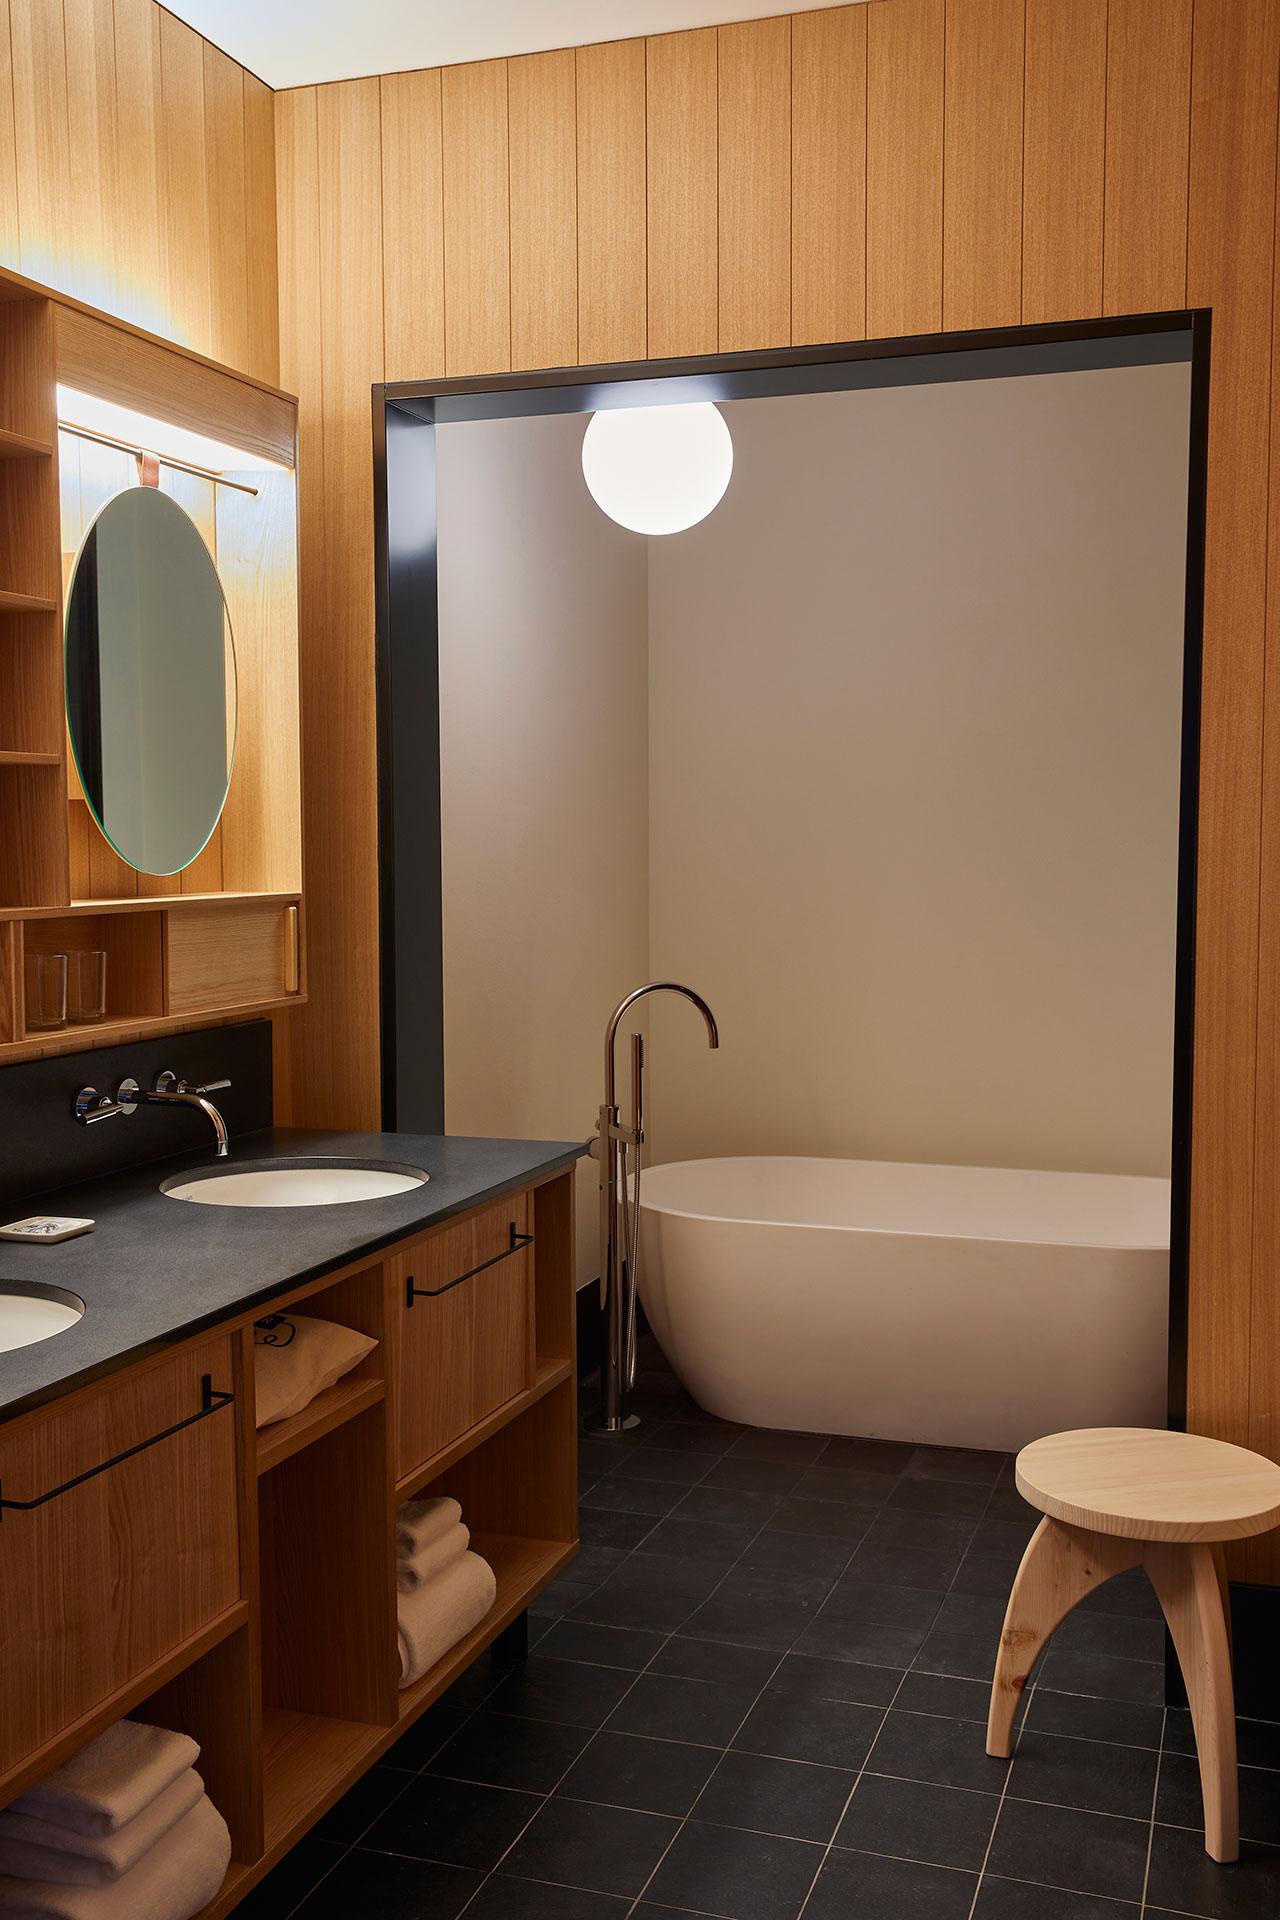 京都王牌酒店。 套房浴室。 牧野佳弘摄。